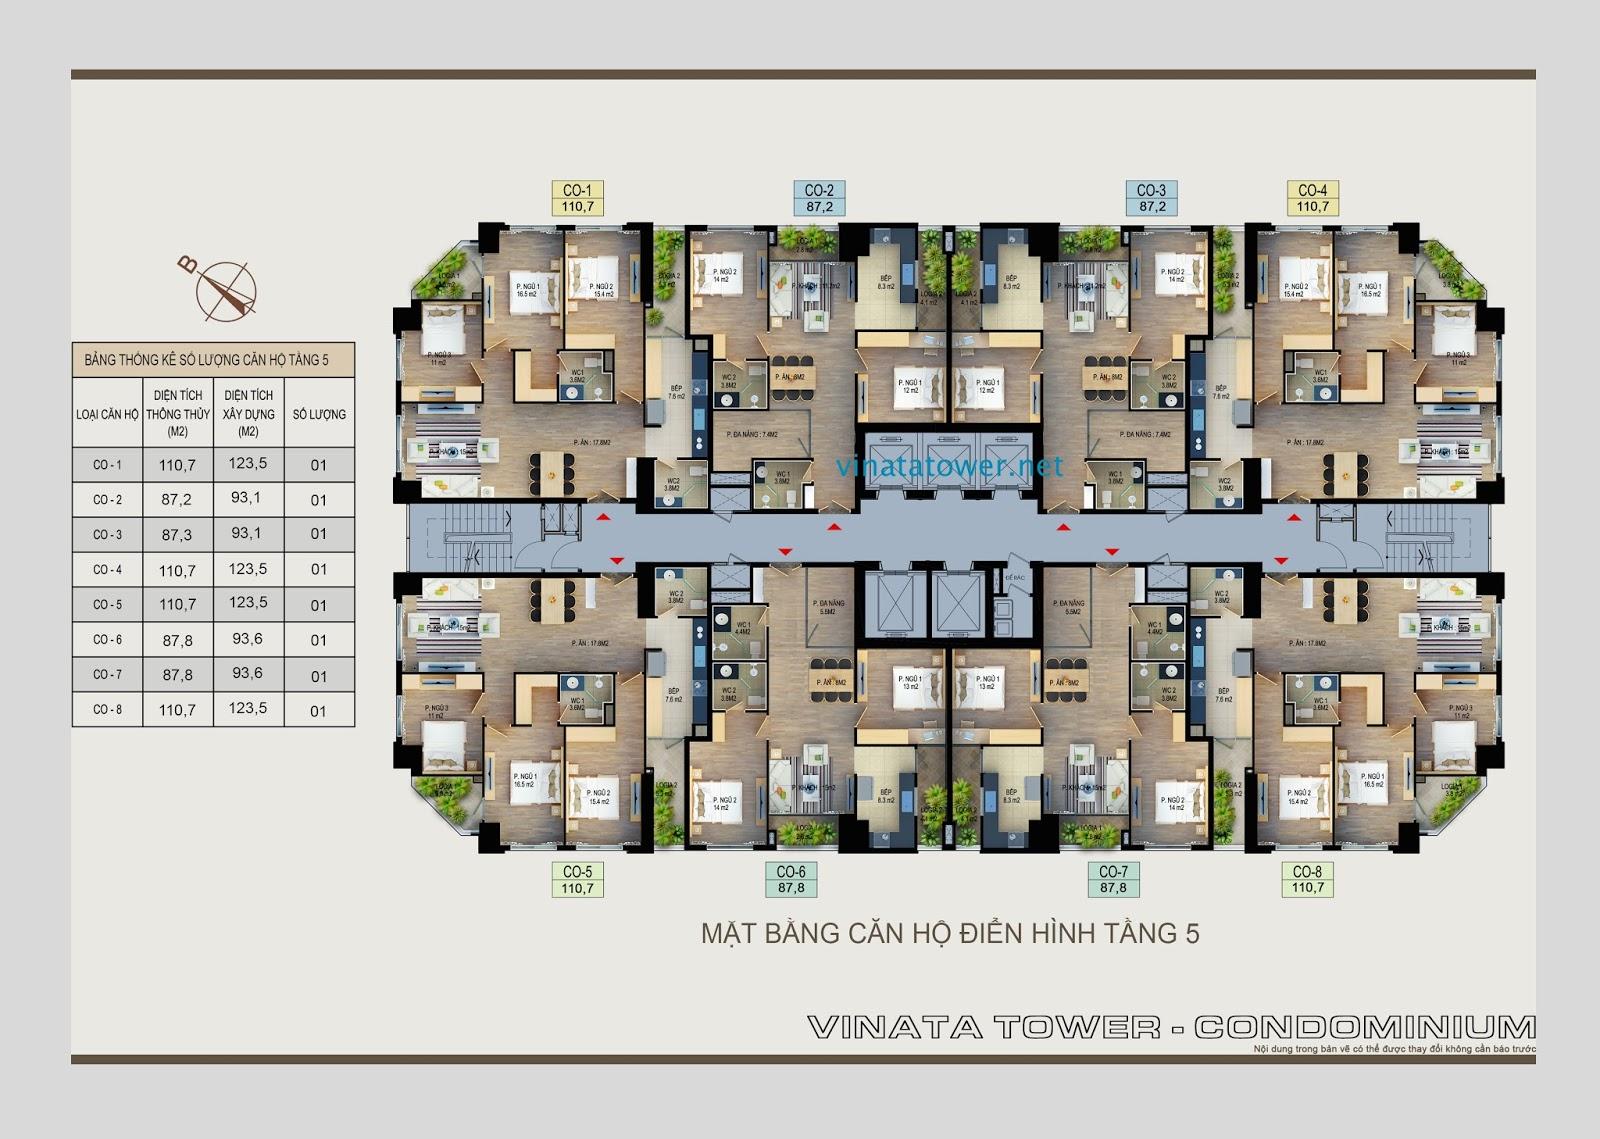 Mặt bằng tầng 5 chung cư Vinata Towers